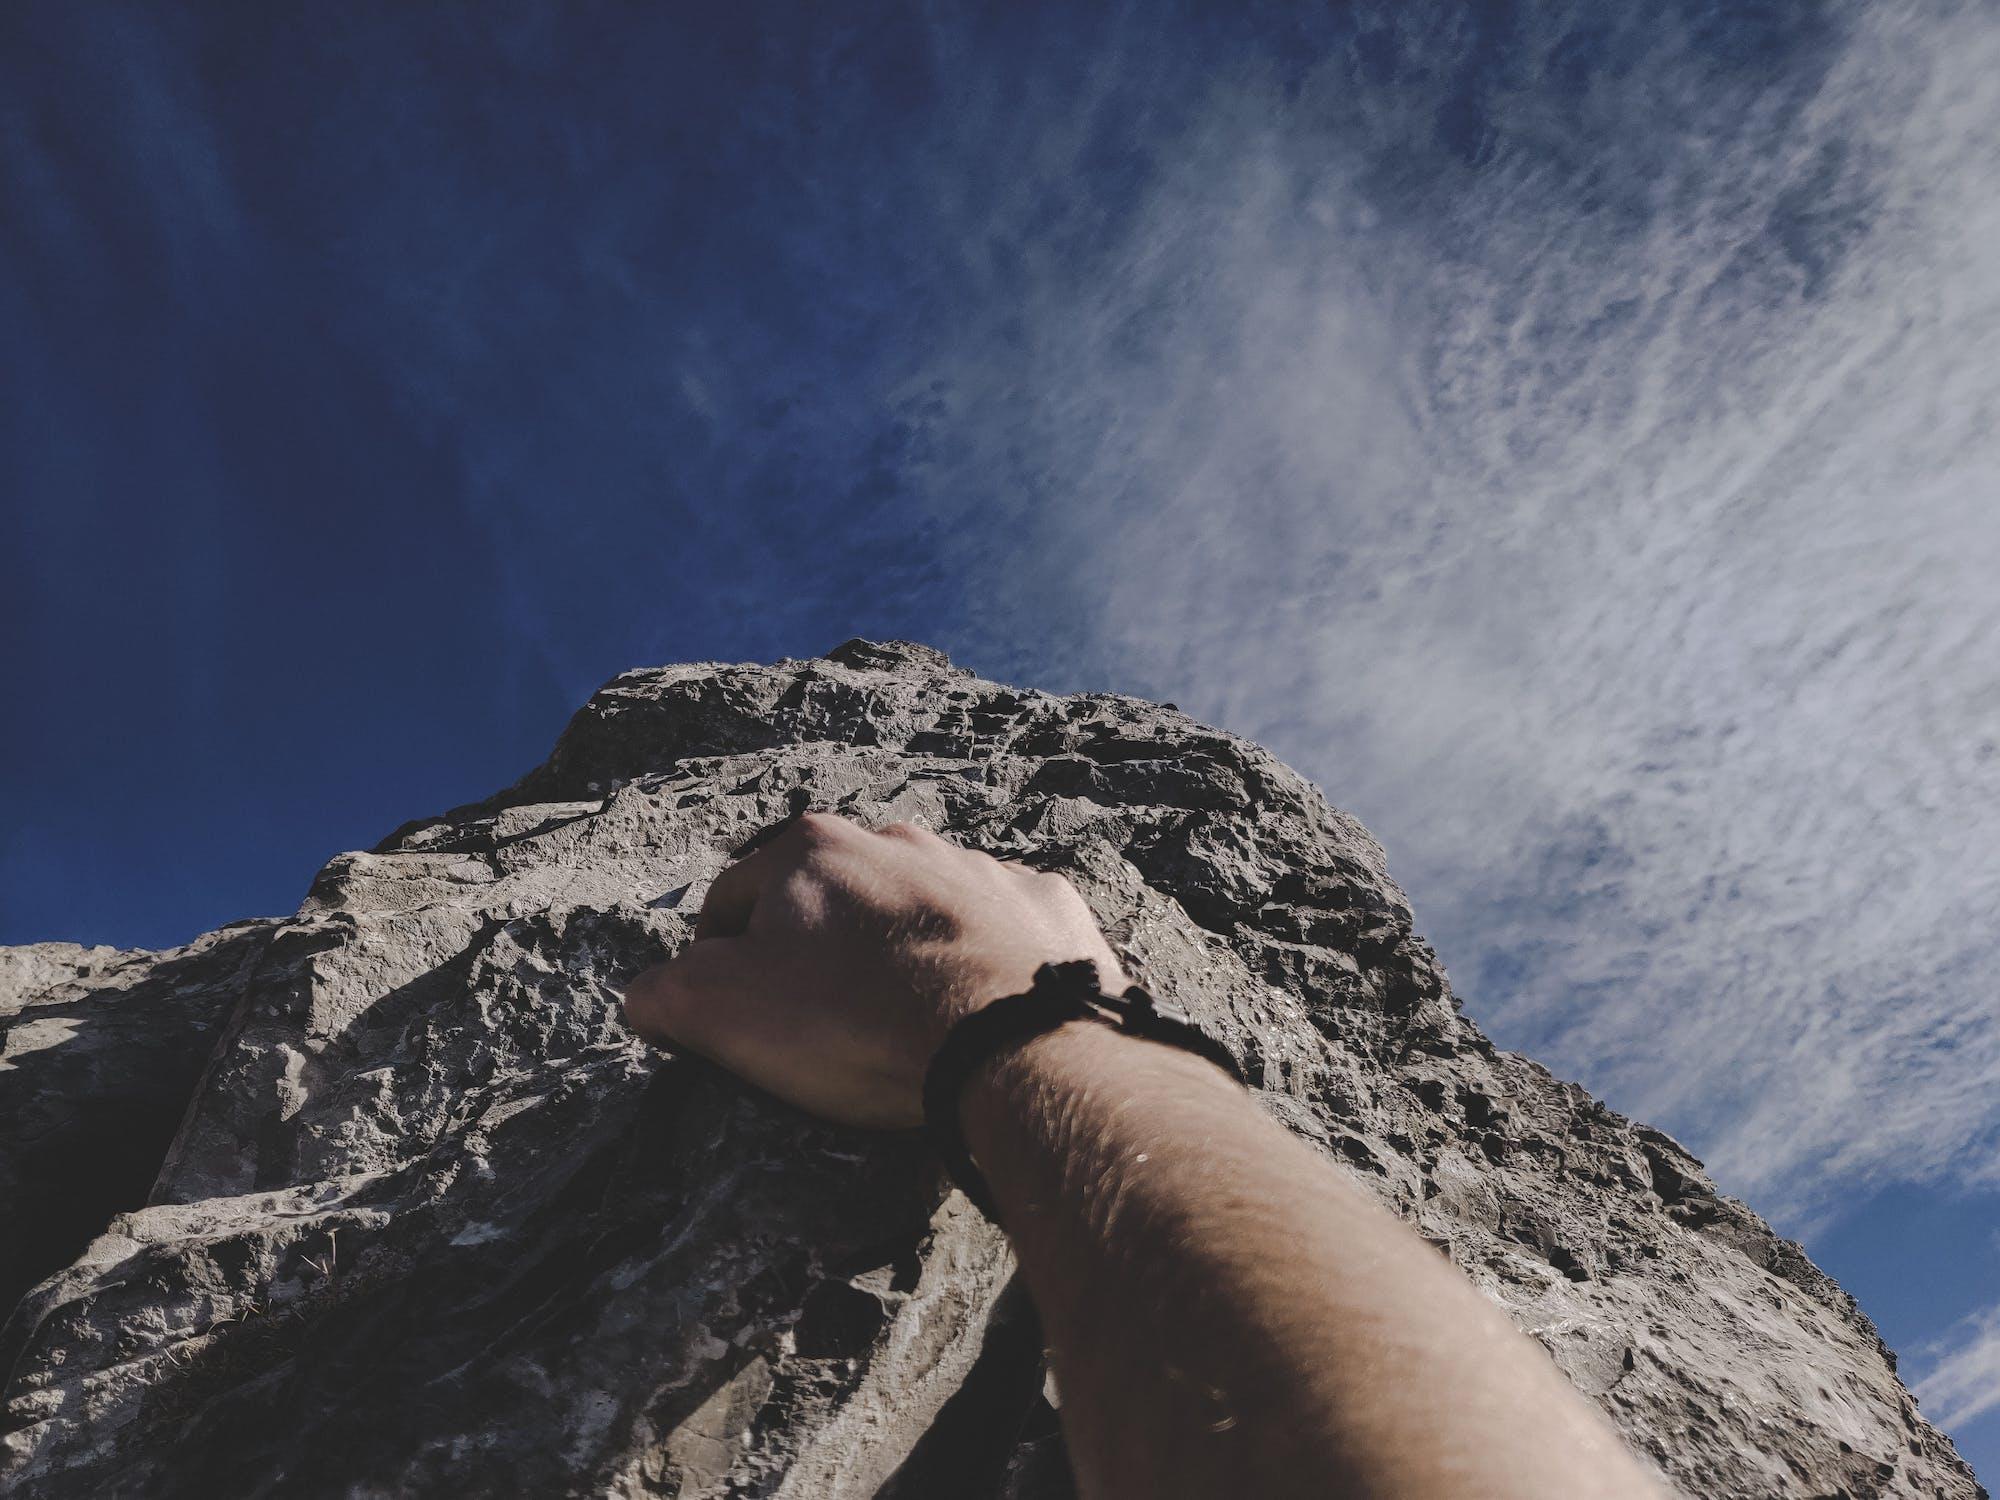 【社長のブログ】参入障壁は高いところに勝負を仕掛けろ